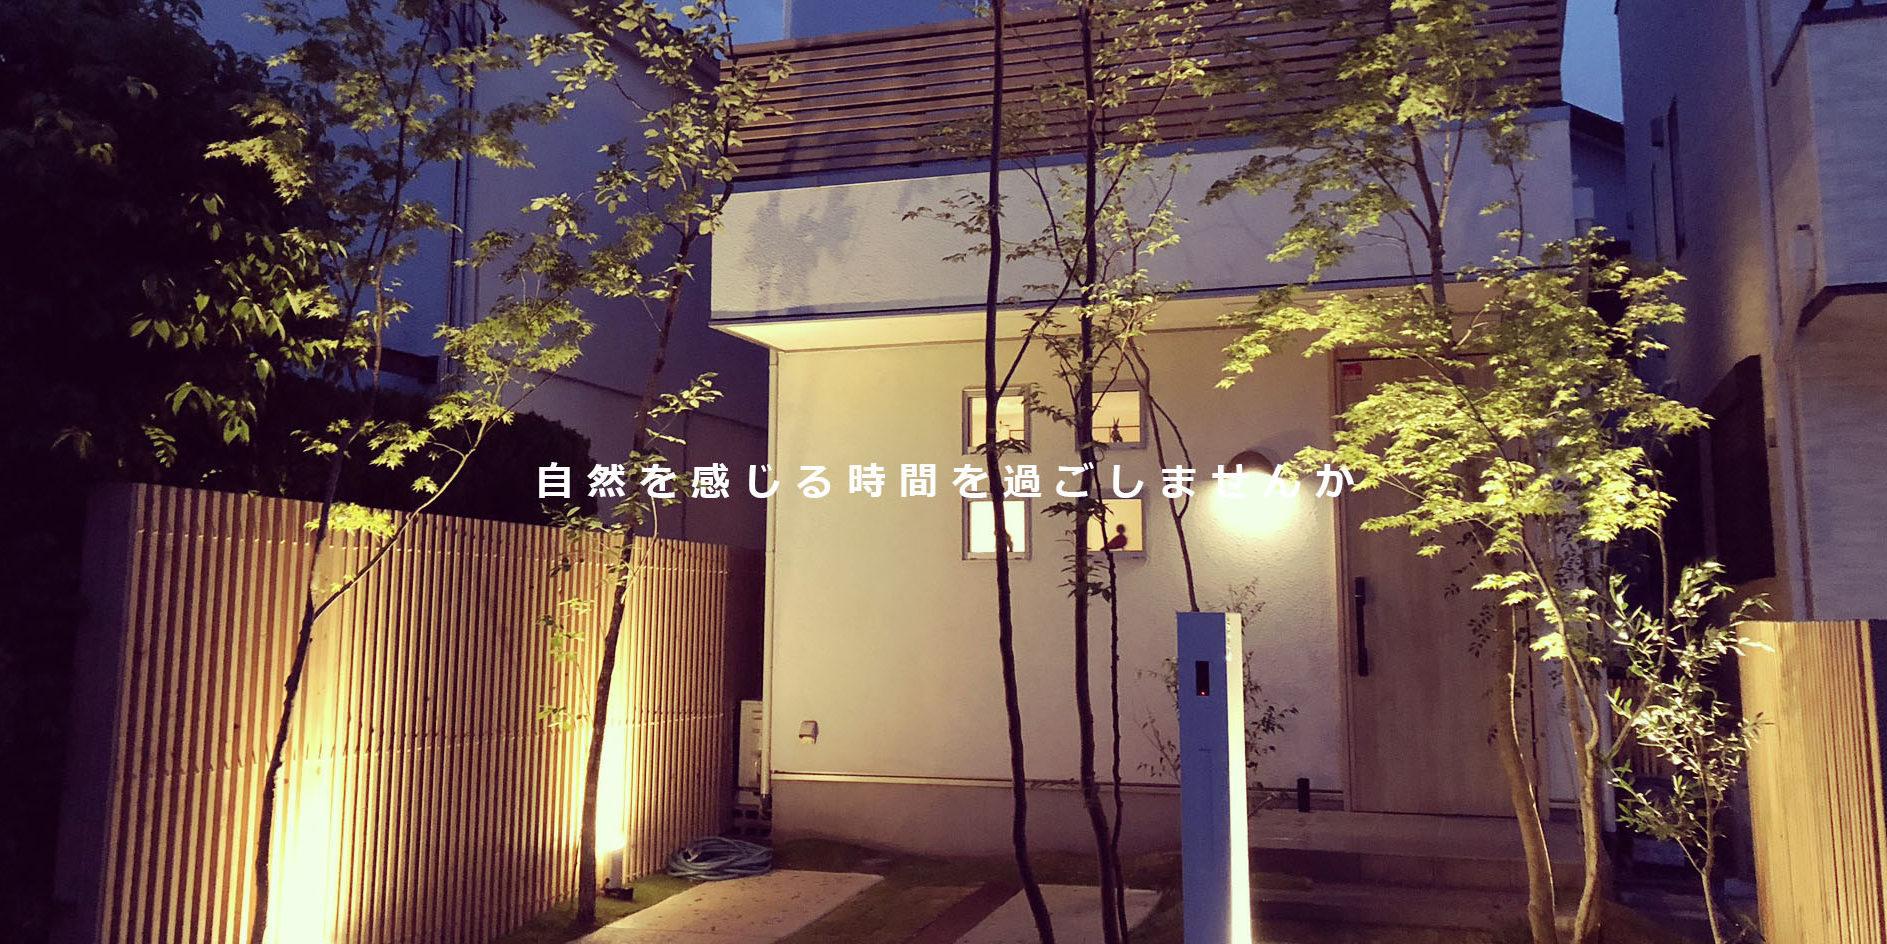 雑木の庭 東京都 世田谷区